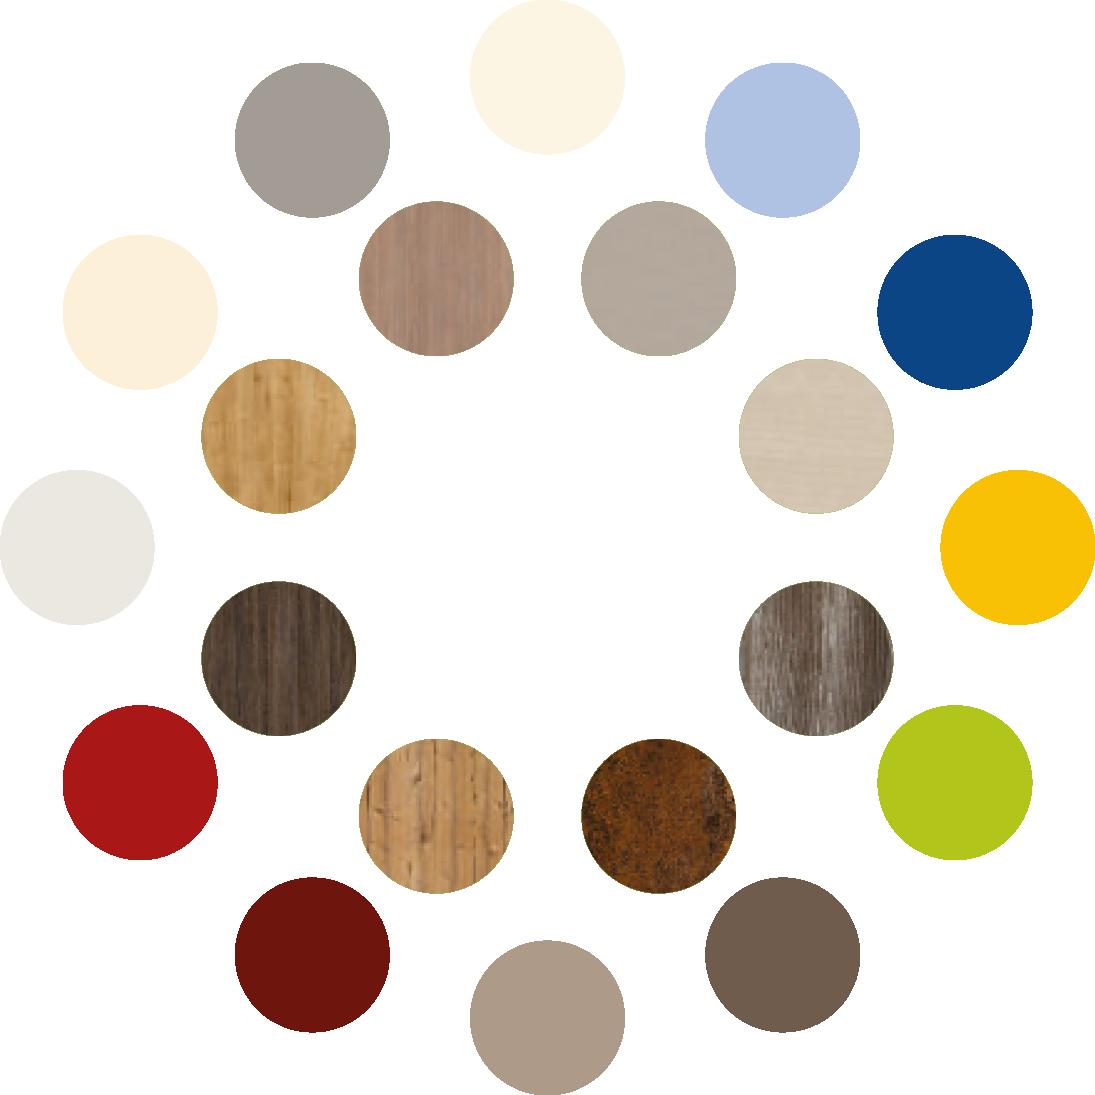 Dekor-farben-gestaltbar-design-Multifunktion-wand-wonderwall-kreis